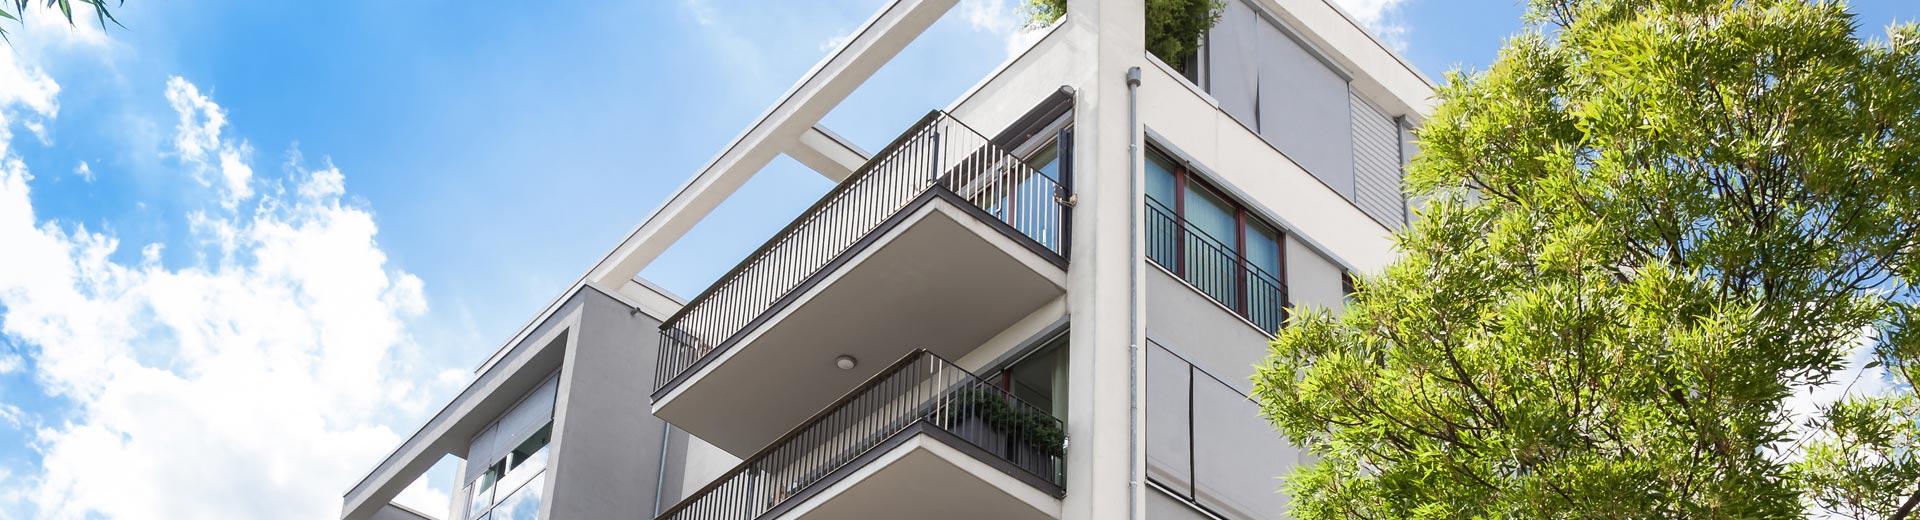 ziegler_immobilien